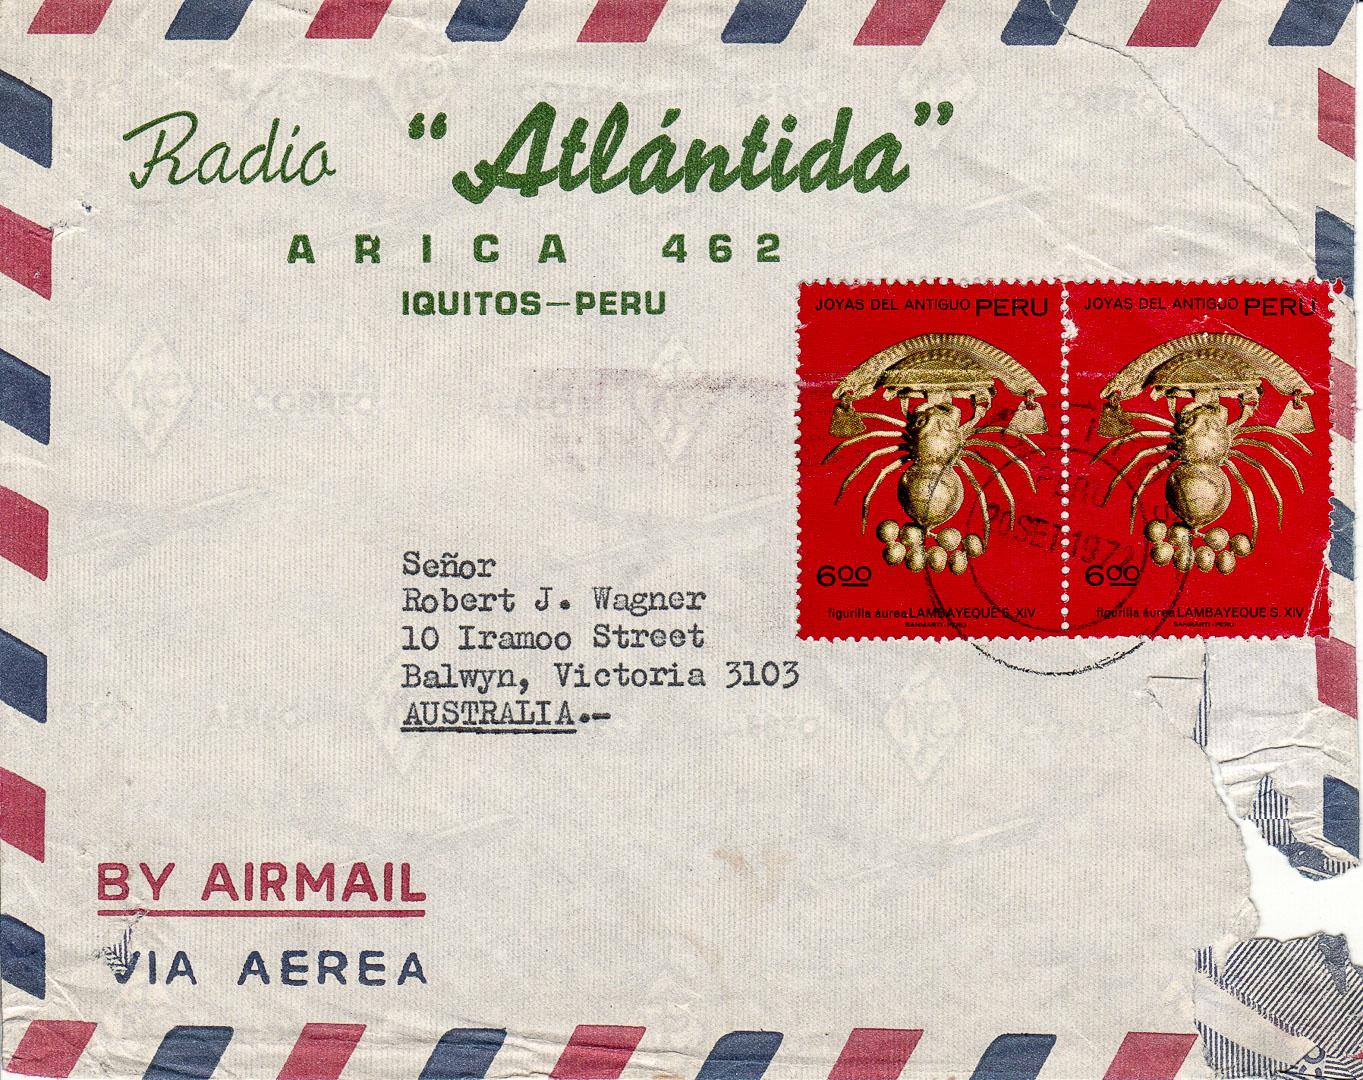 Radio atlantida floripa online dating